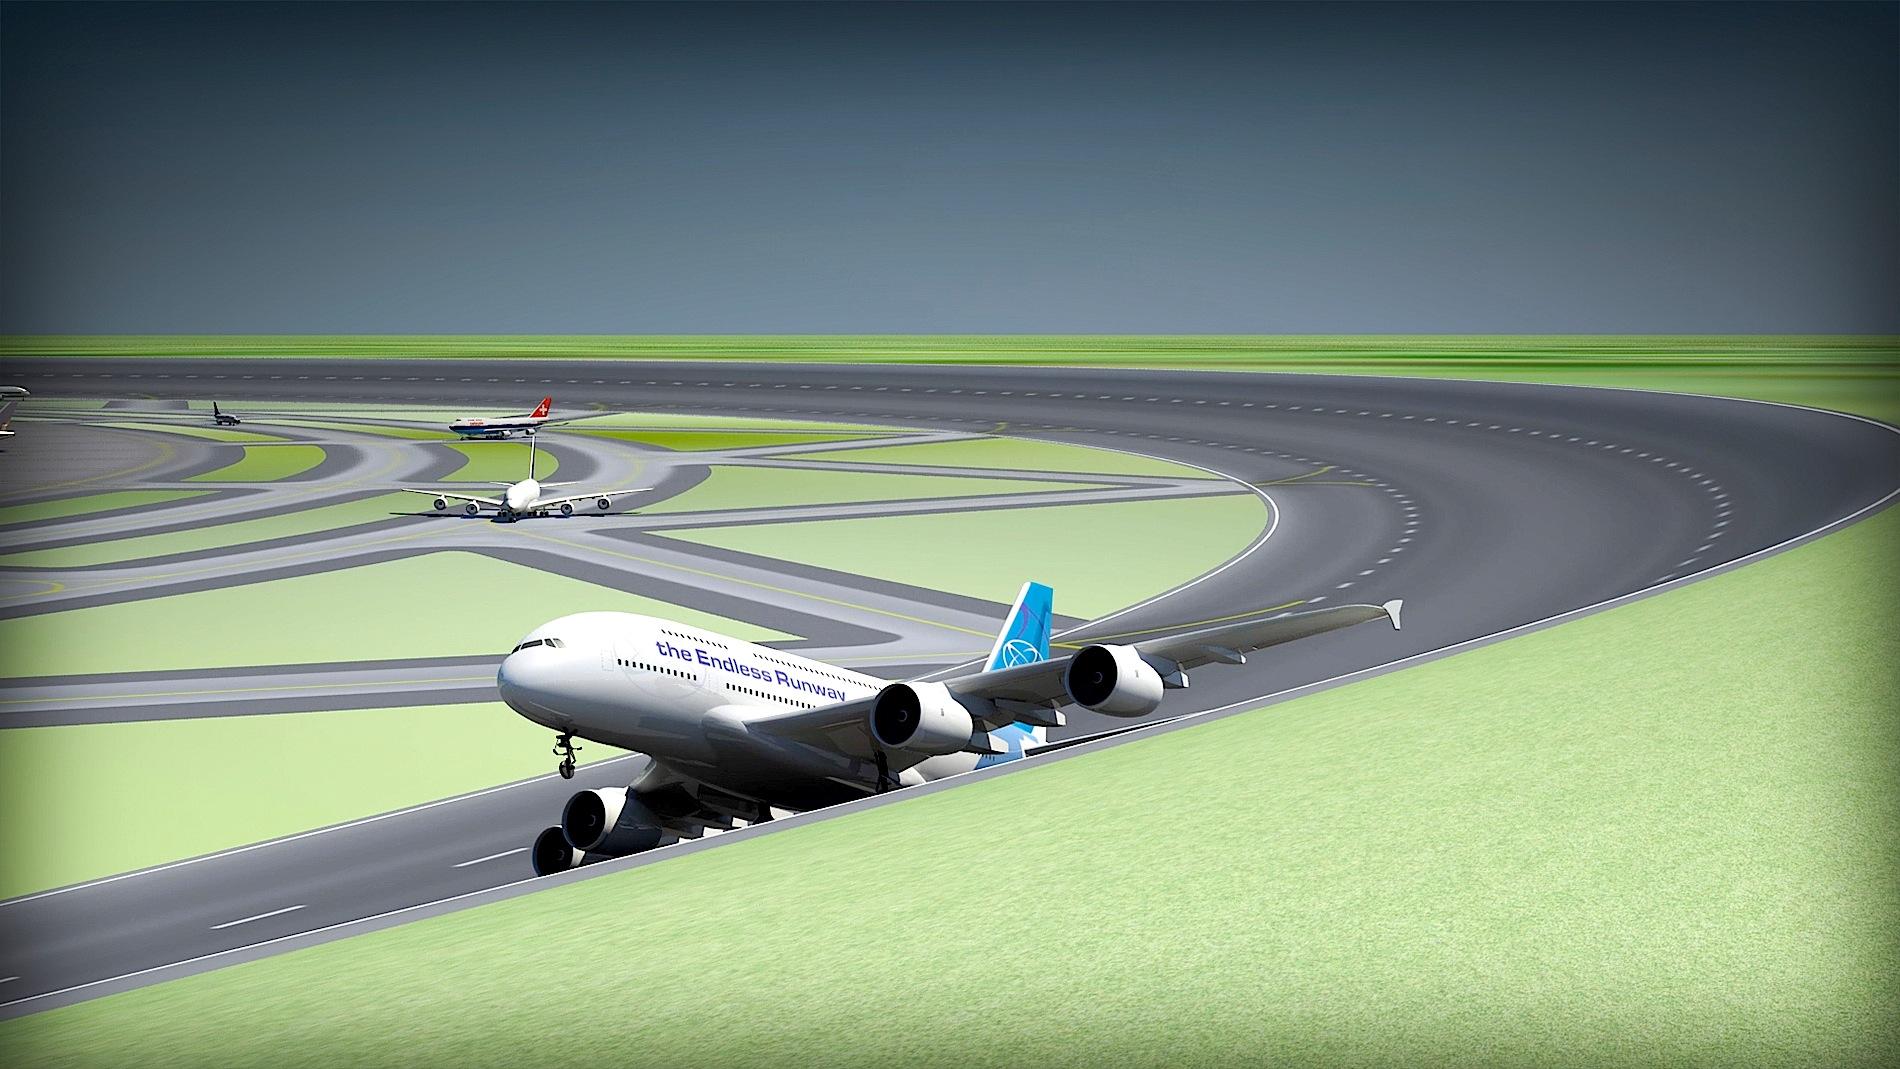 Start eines Flugzeuges von einer runden Startbahn: Die Flugzeuge können an jedem Ort der runden Startbahn abheben, besonders dort, wo die Windverhältnisse am besten sind.